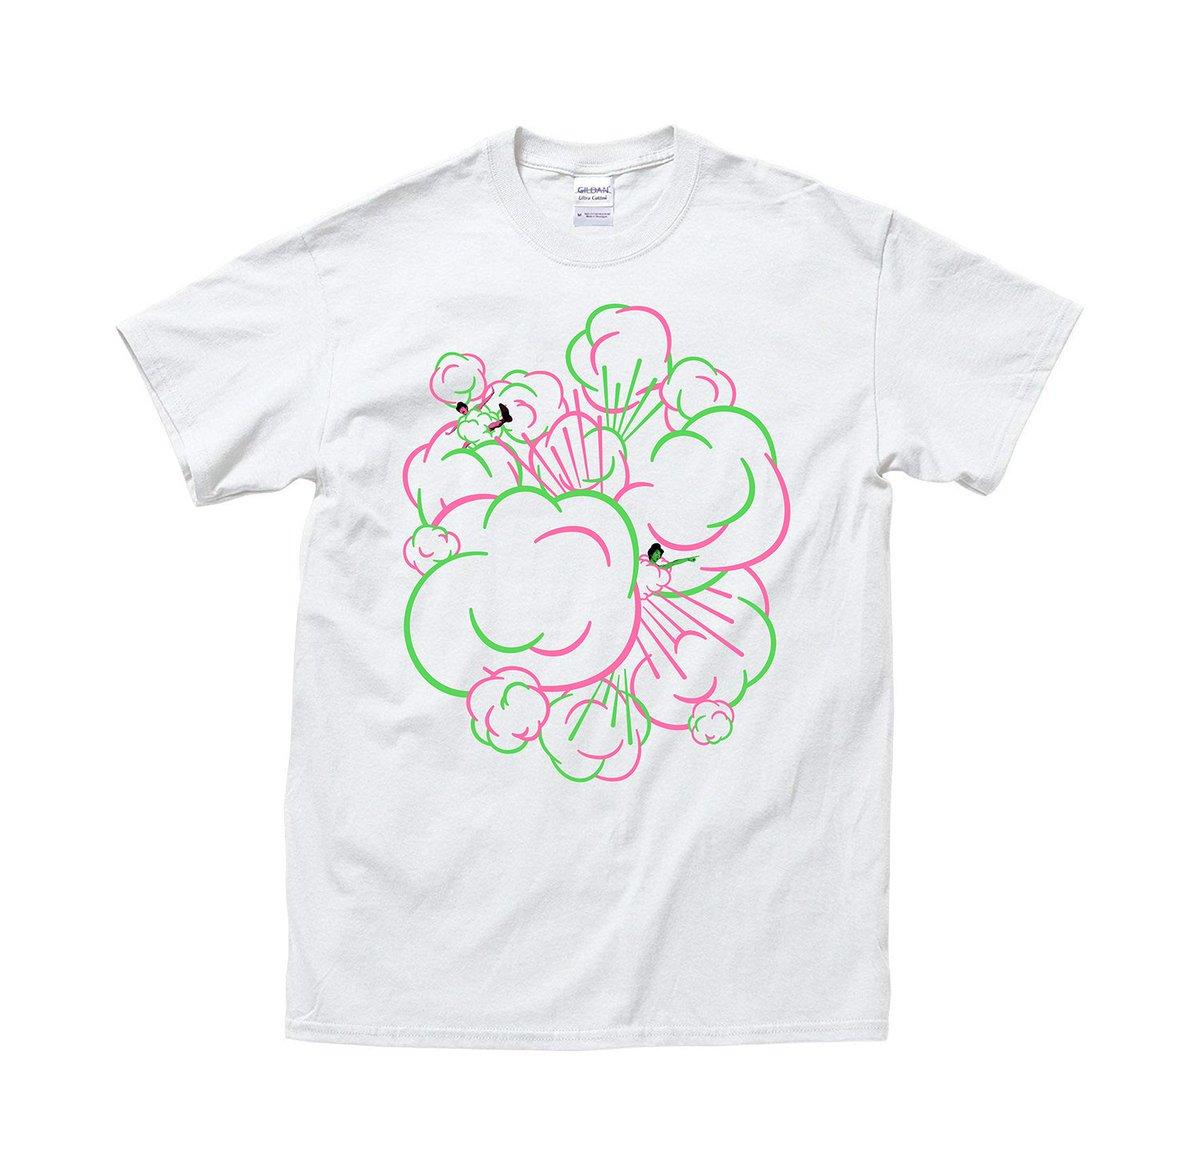 ザ・ギース単独ライブ 「スプリングボンボン」 グッズのご紹介その1 ボンボンTシャツ ¥2800 サイズS・M・L・XL #ザギース #スプリングボンボン